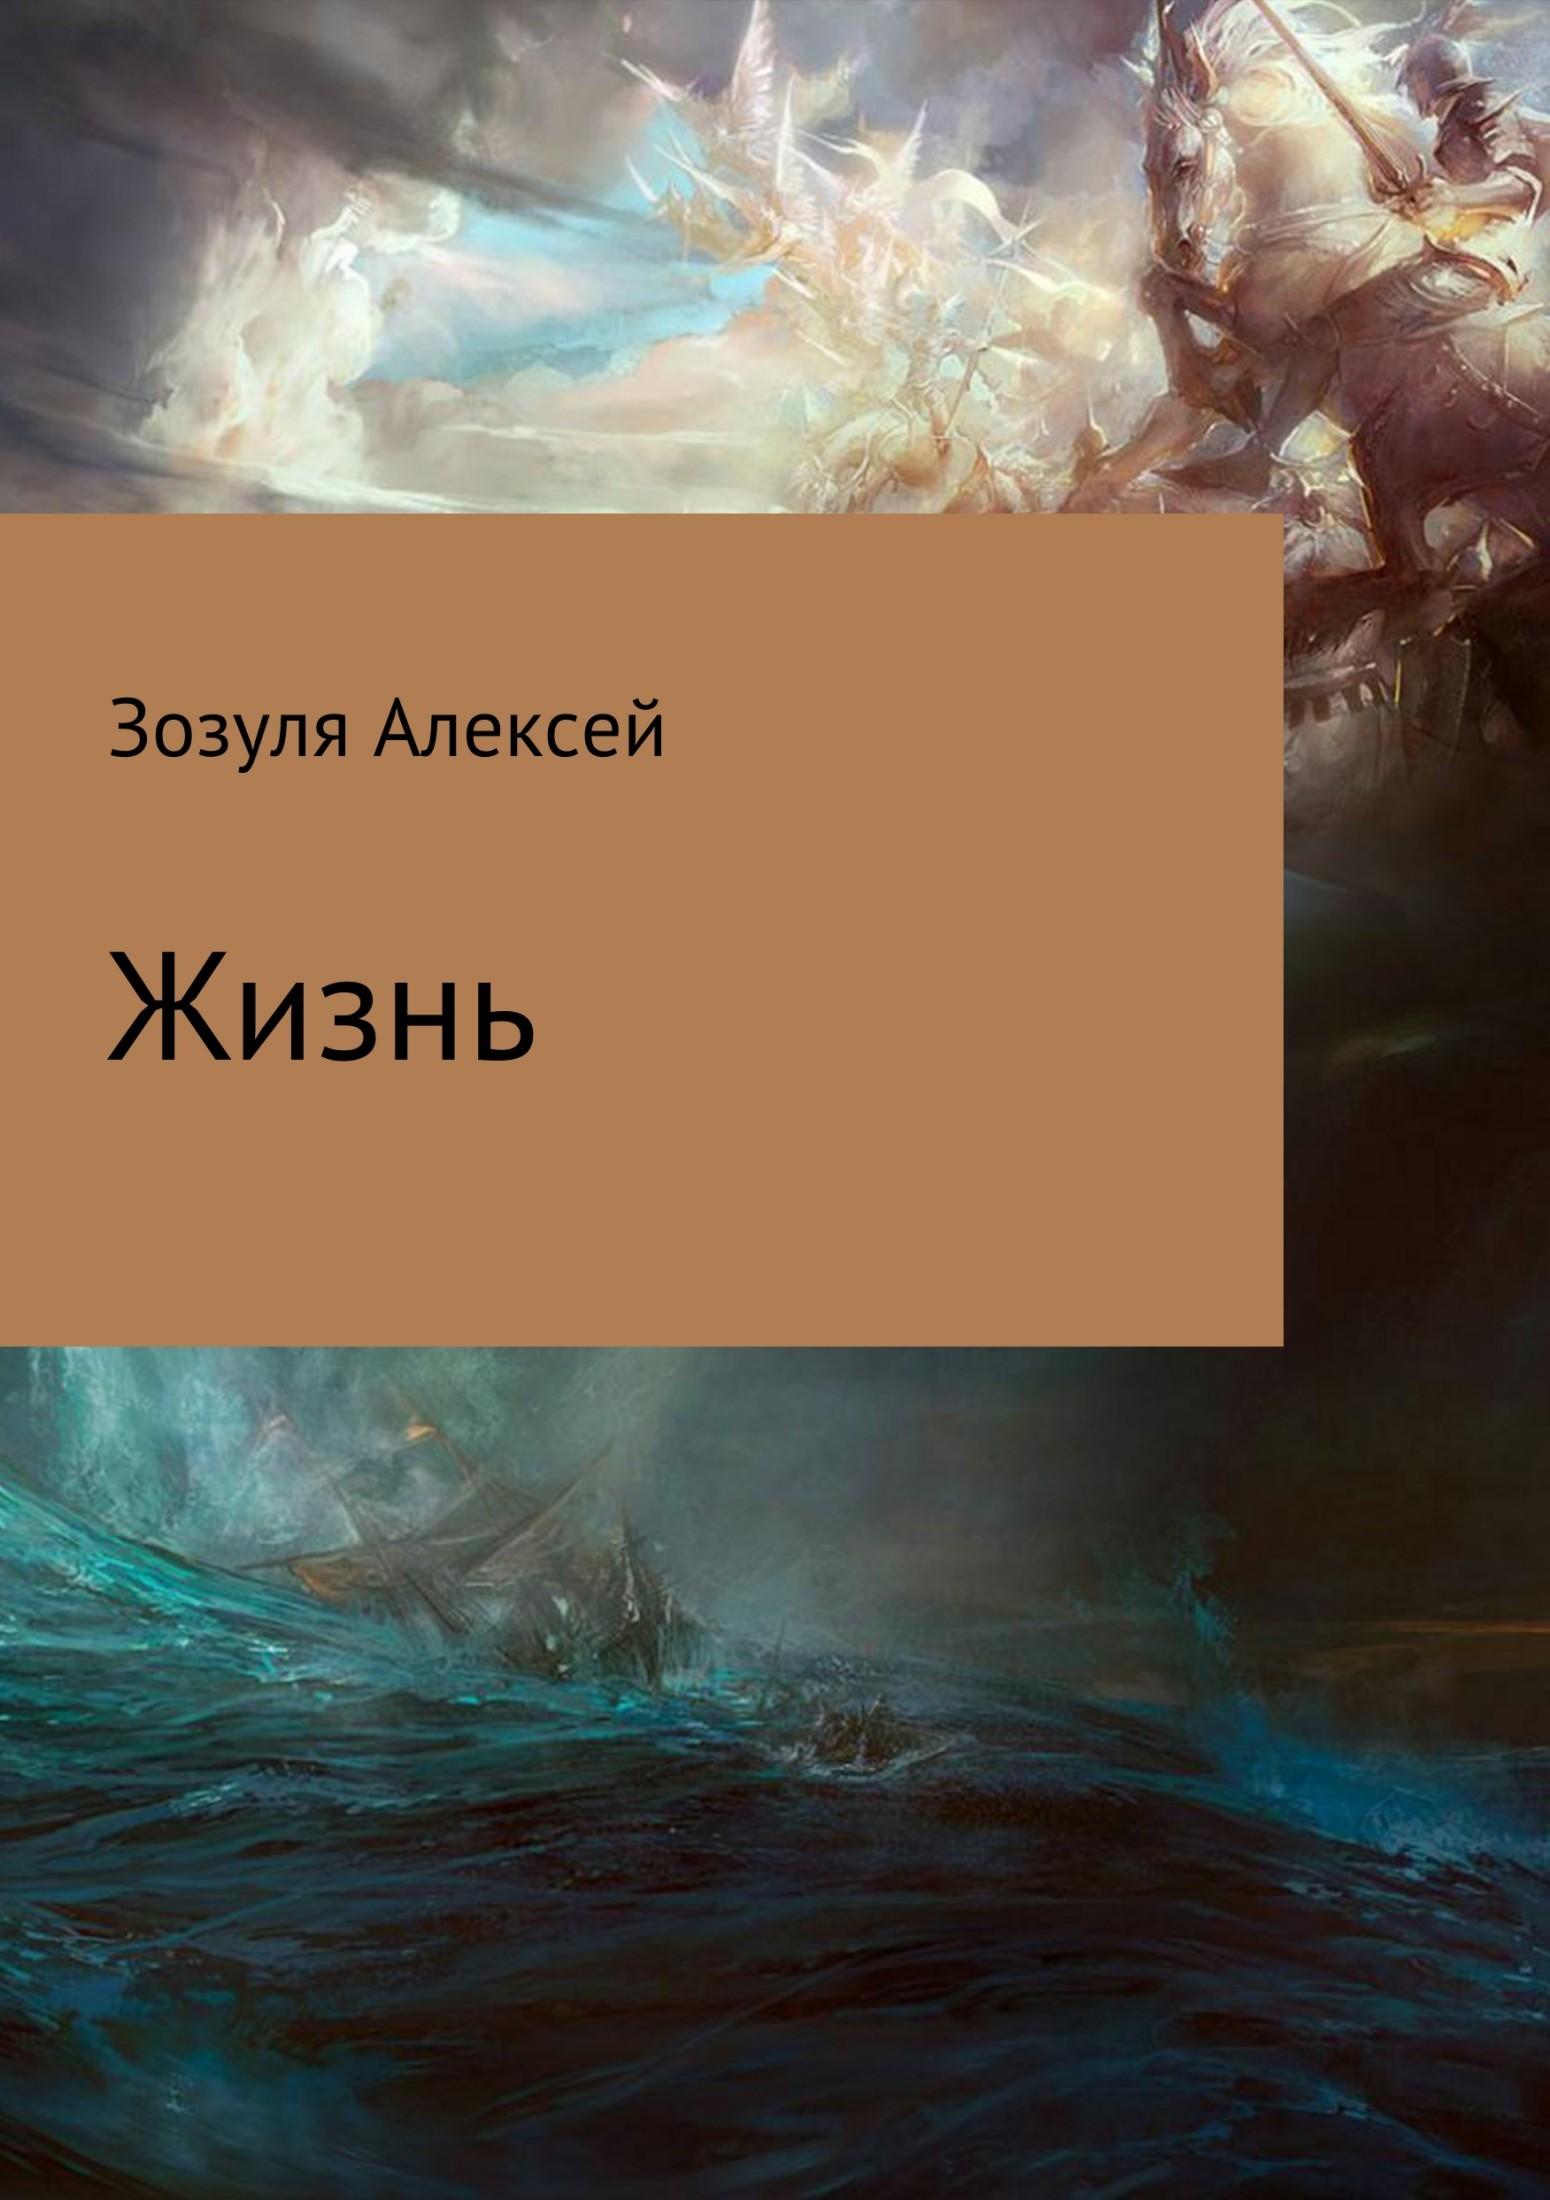 Алексей Зозуля - Жизнь